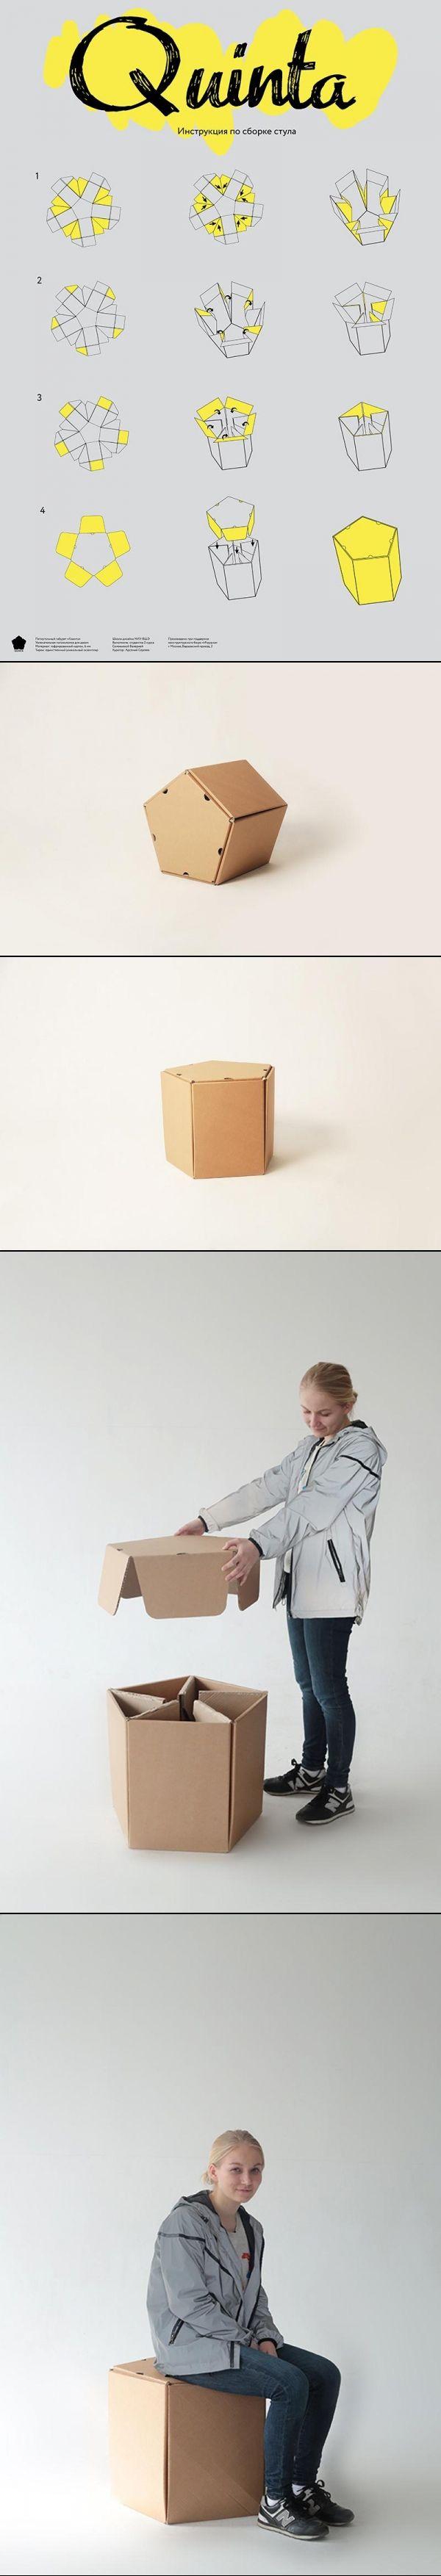 """Cardboard chair """"Quinta"""" by Valeriya Solovyeva. Curator: Arseniy Sergeev. HSE ART AND DESIGN SCHOOL, 2016"""